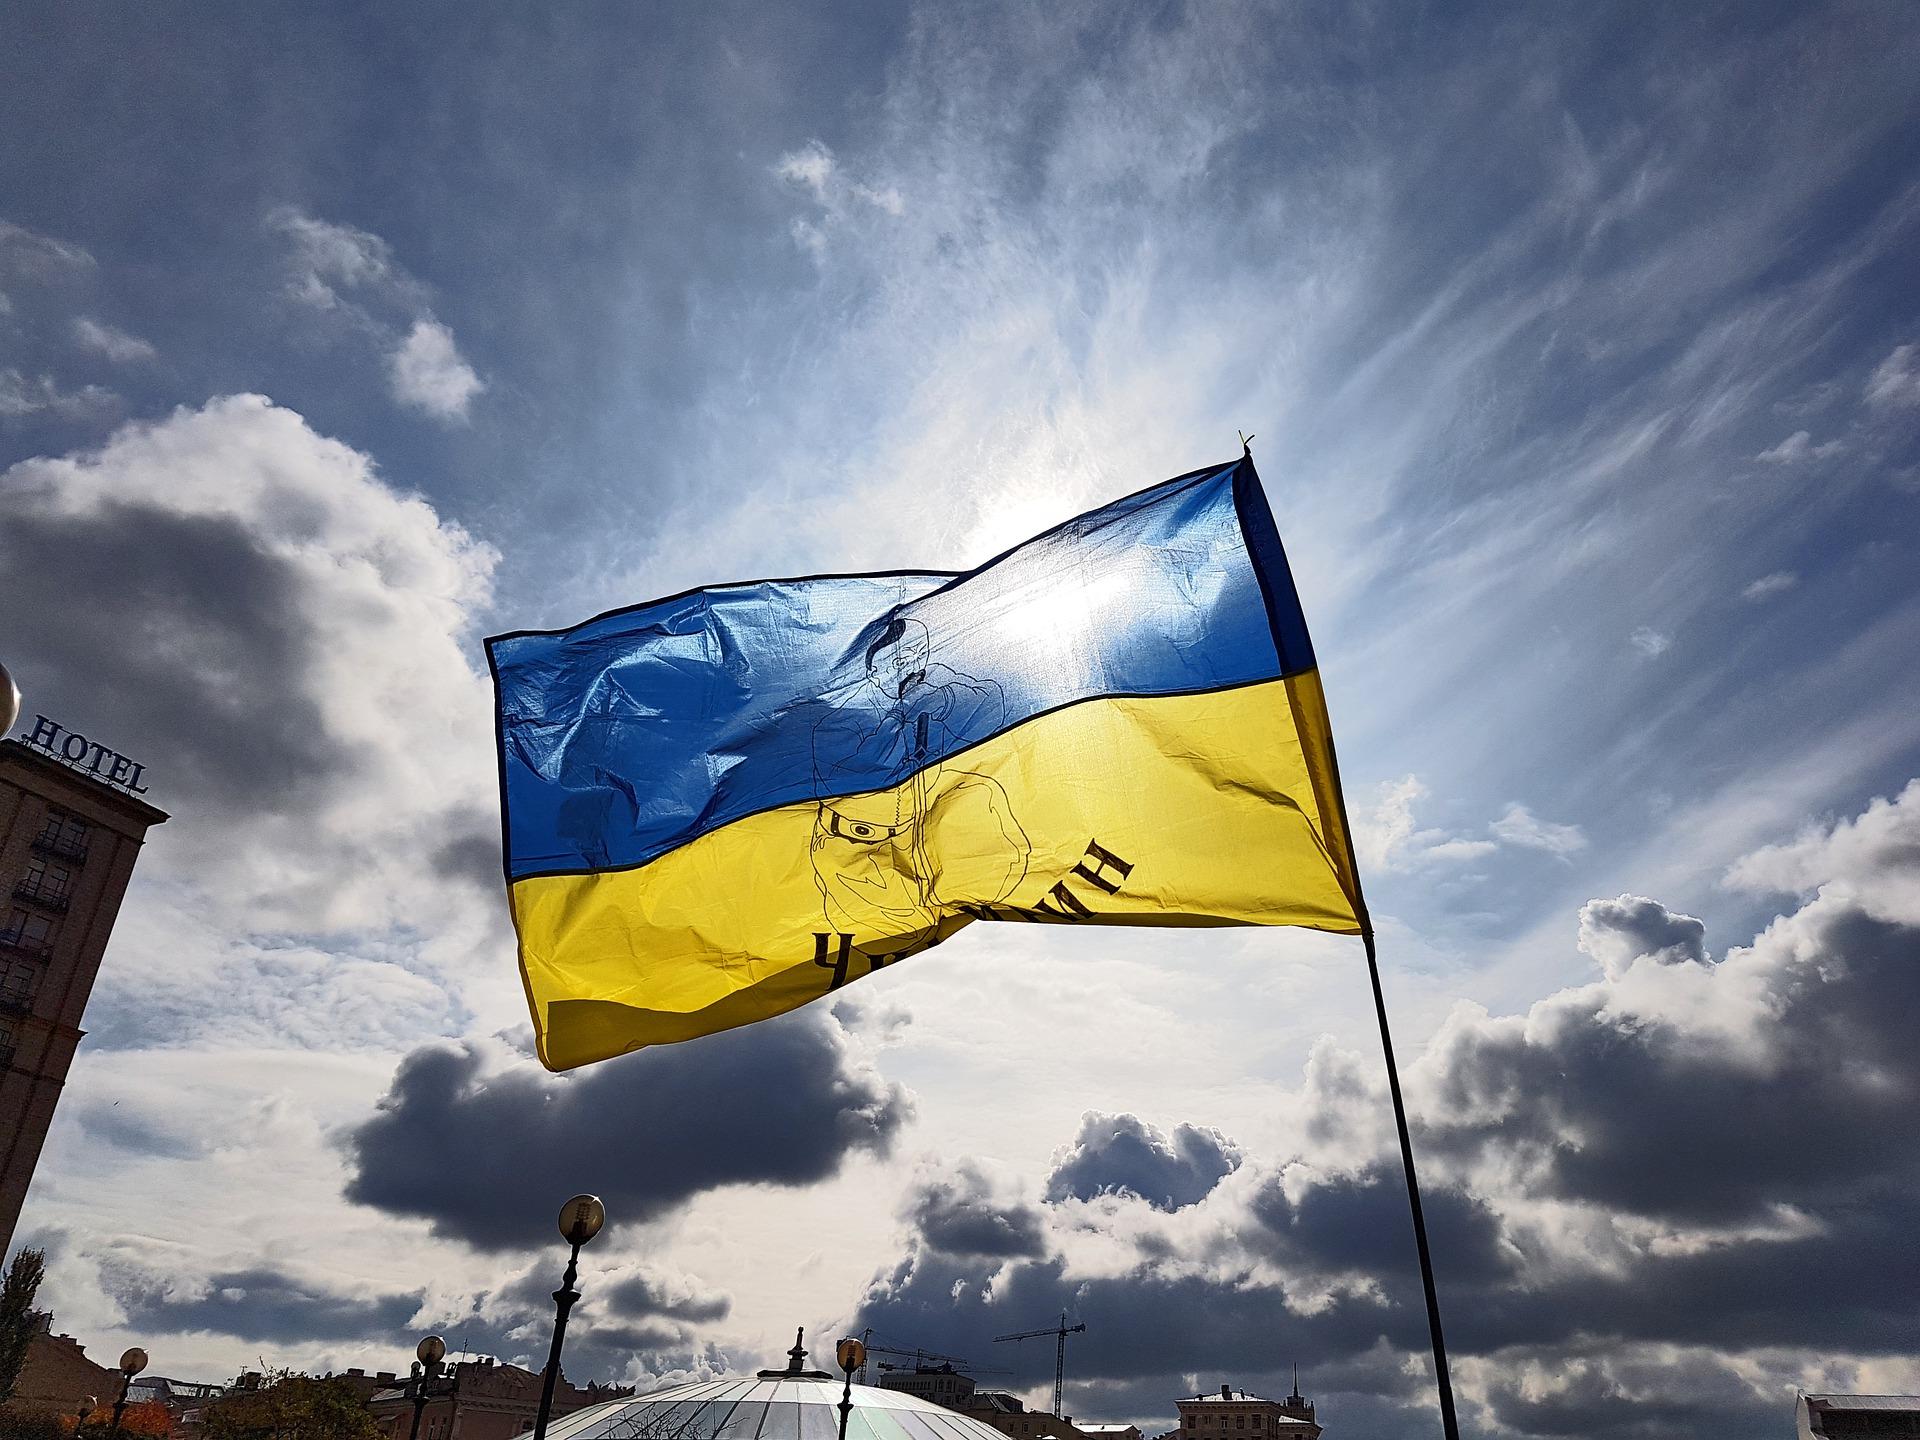 На Украине могут начать отключать свет в домах по графику из-за низких запасов угля на ТЭС